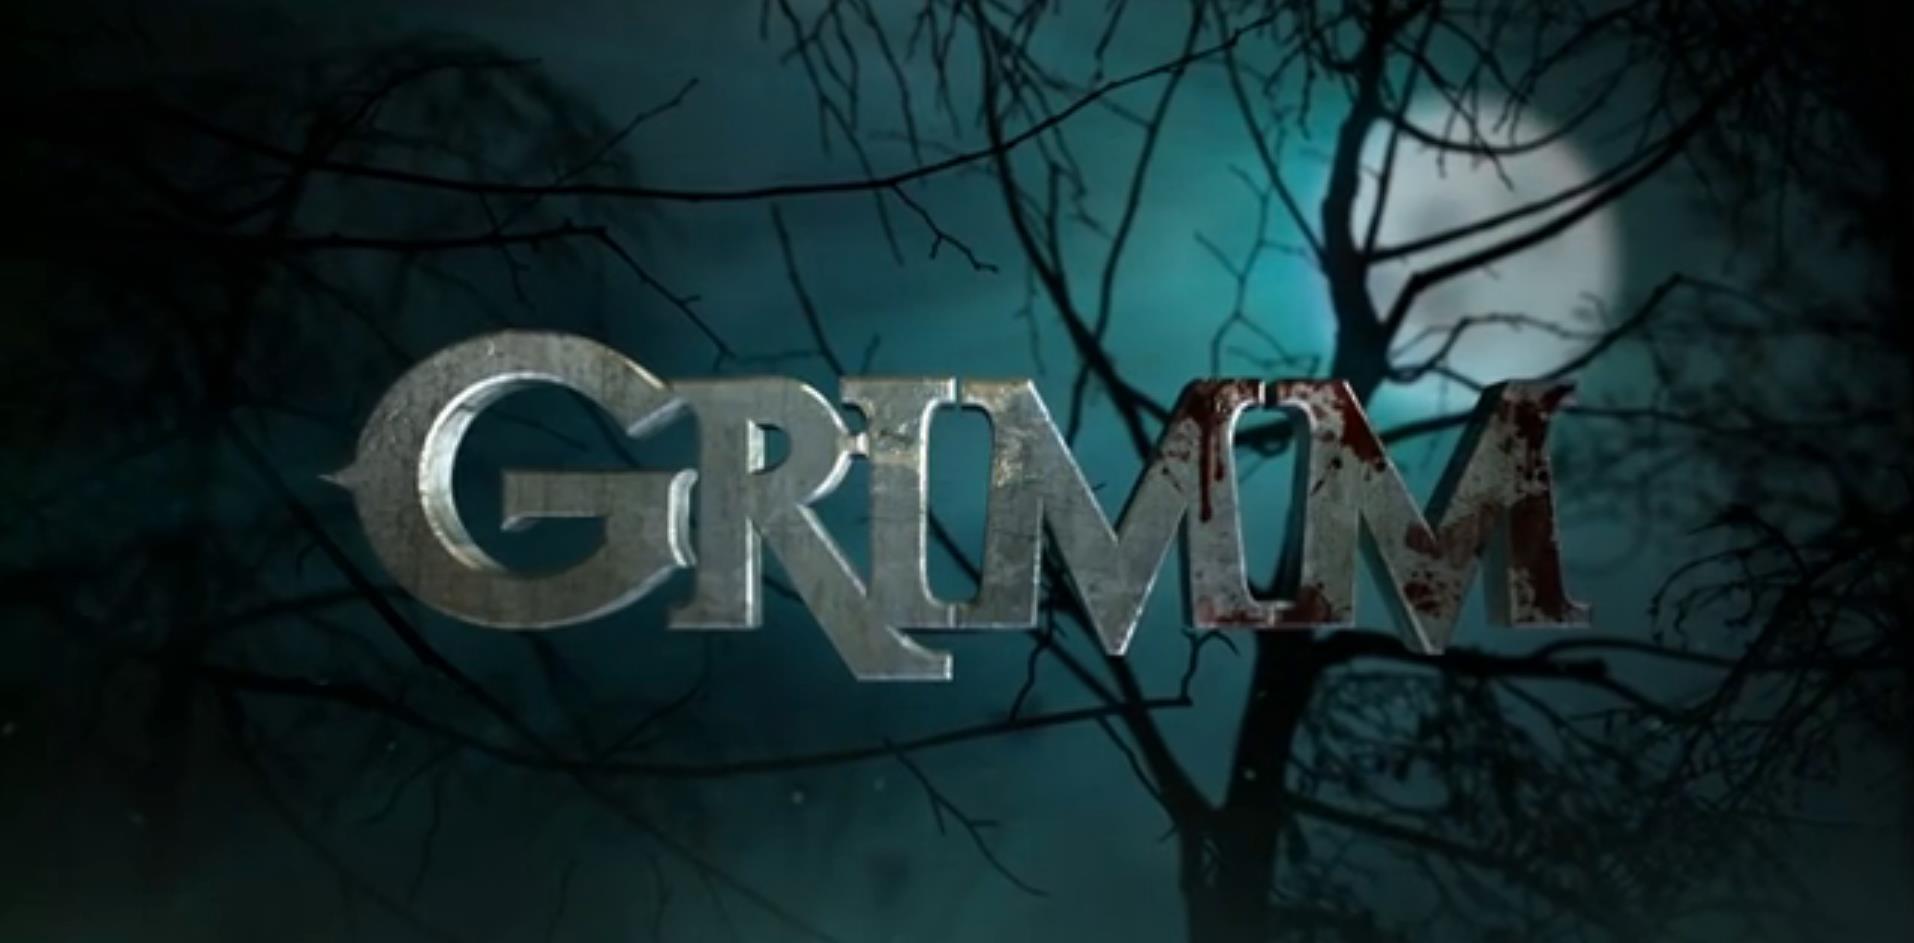 Файл:Grimm.jpg